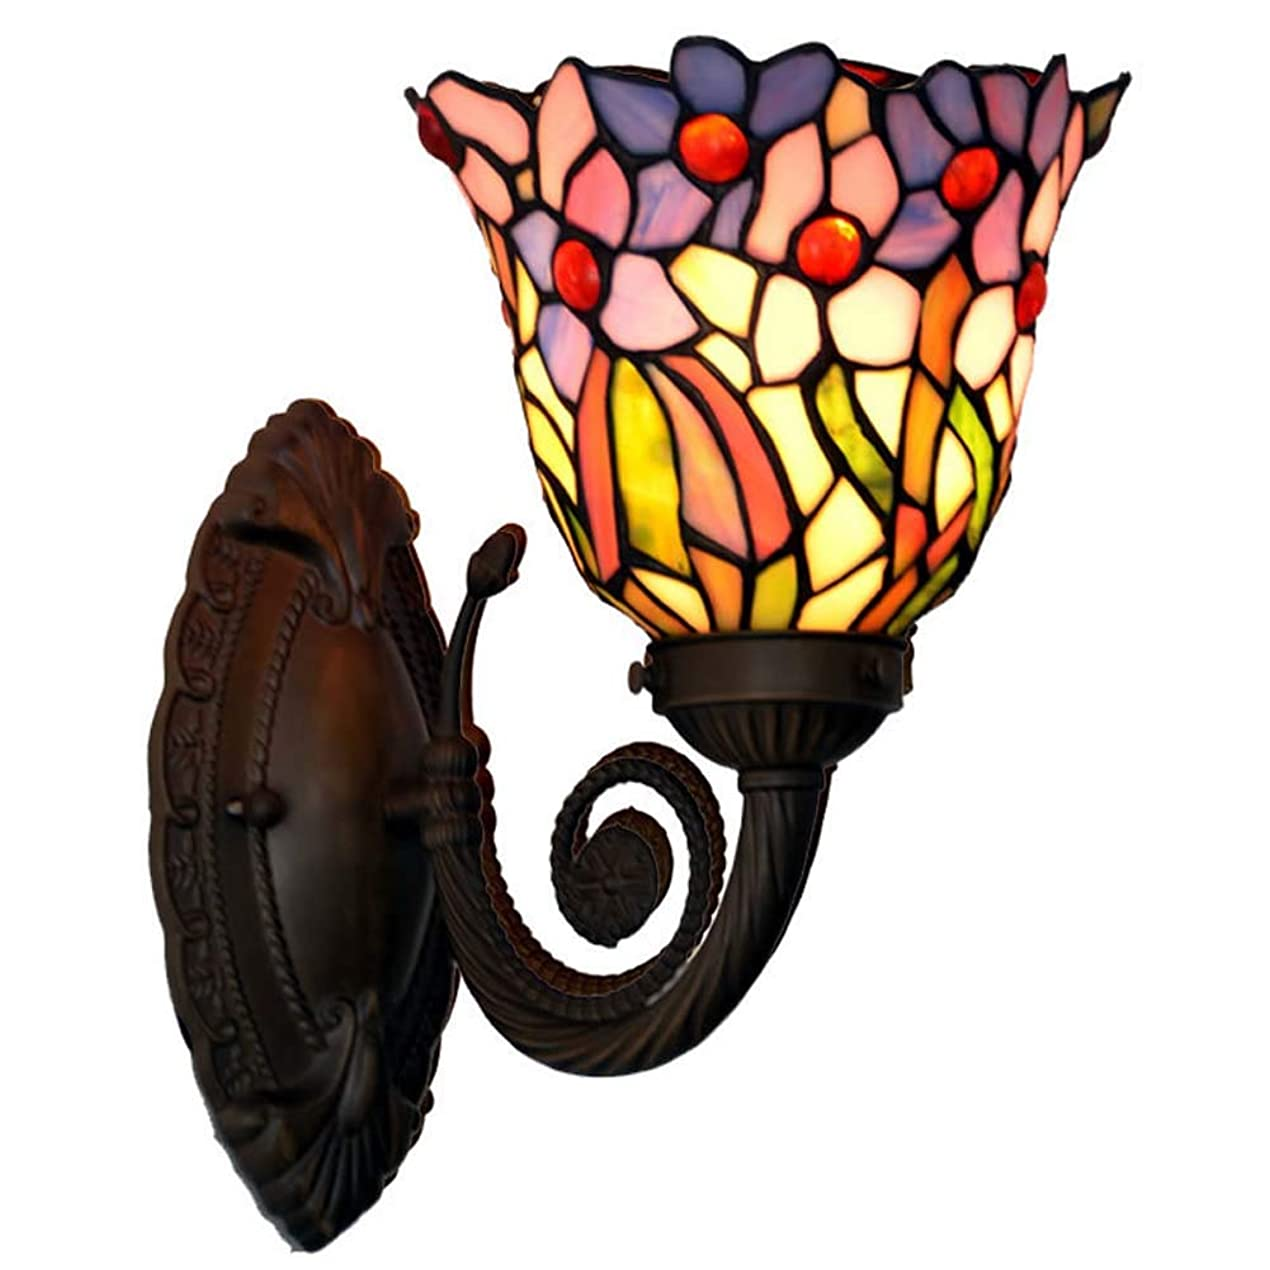 瞑想する負担タッチティファニースタイルブラケットライト/壁取り付け用燭台、クラシックレトロスモールオーキッドデザインウォールランプ、バスルームウォールラ